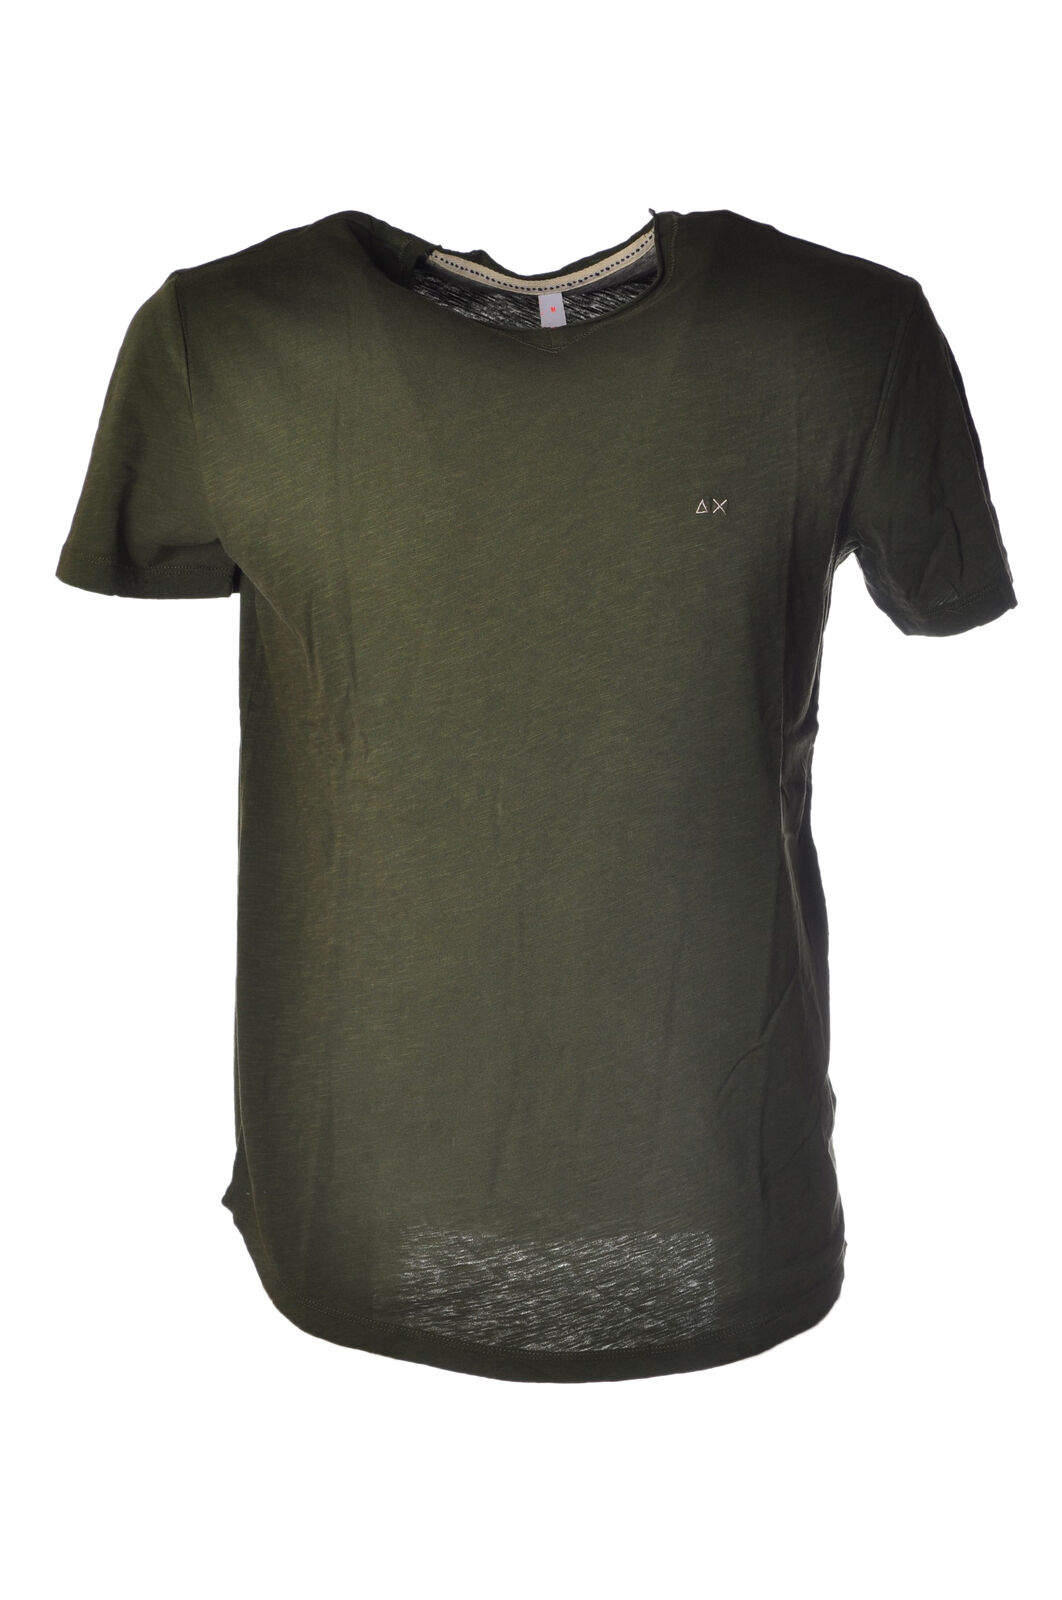 Sun 68 - Topwear-T-shirts - Man - Grün - 4916705G184629